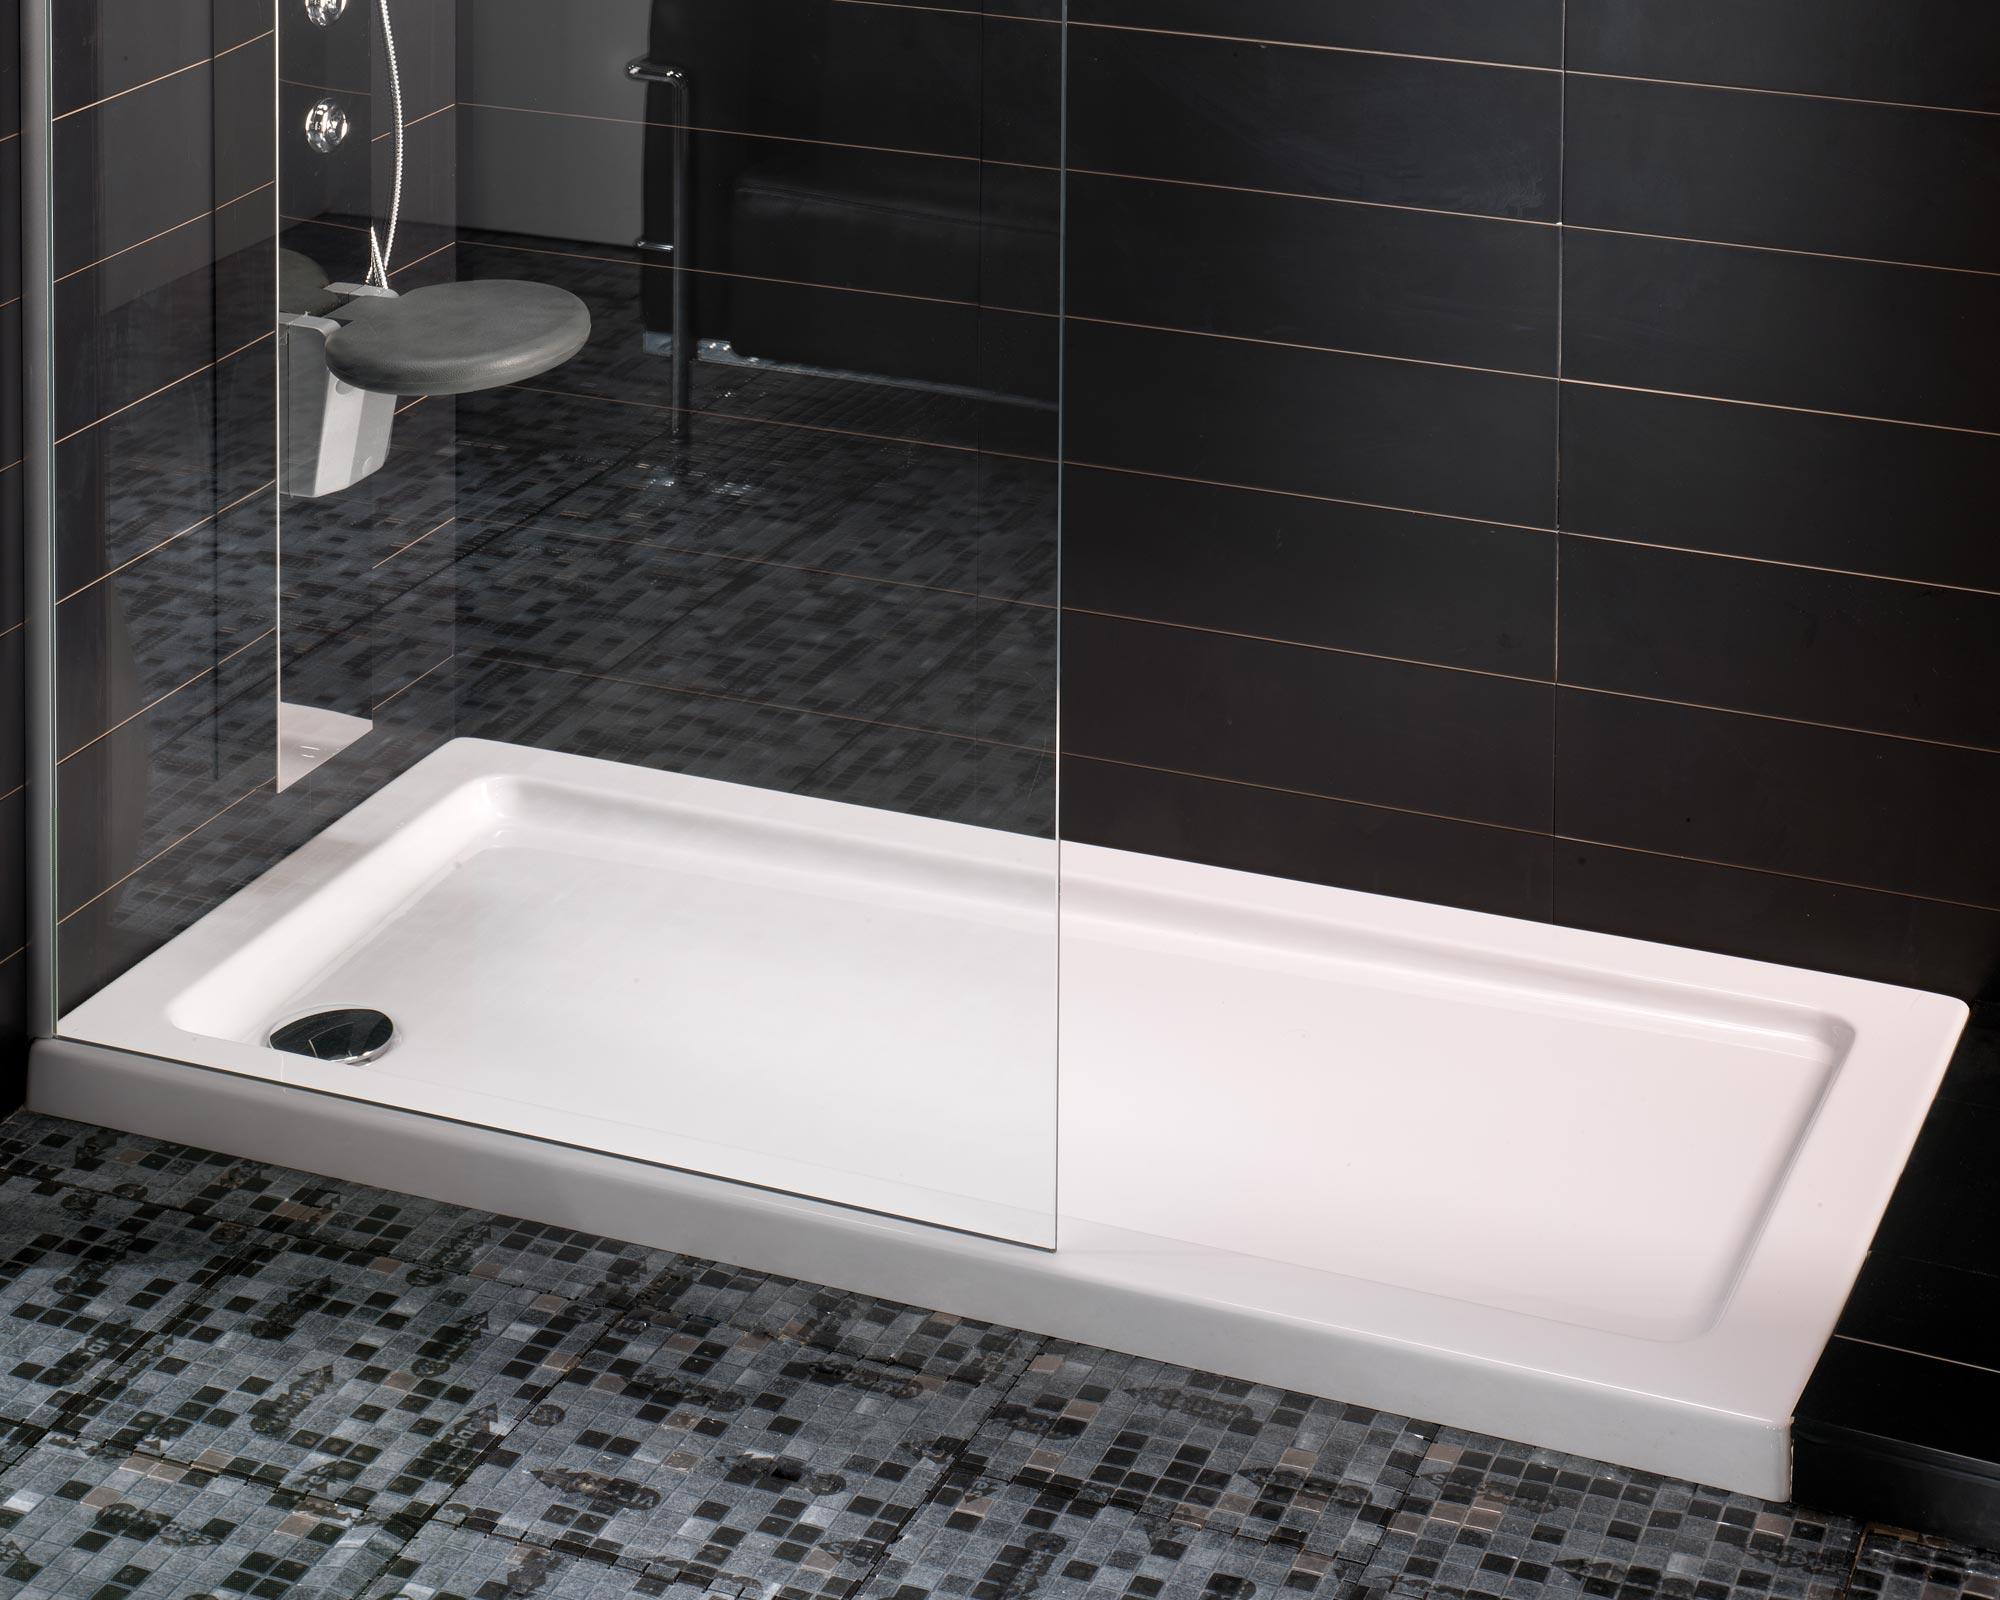 Rivero proyectos e instalaciones sl for Banos pequenos con plato de ducha